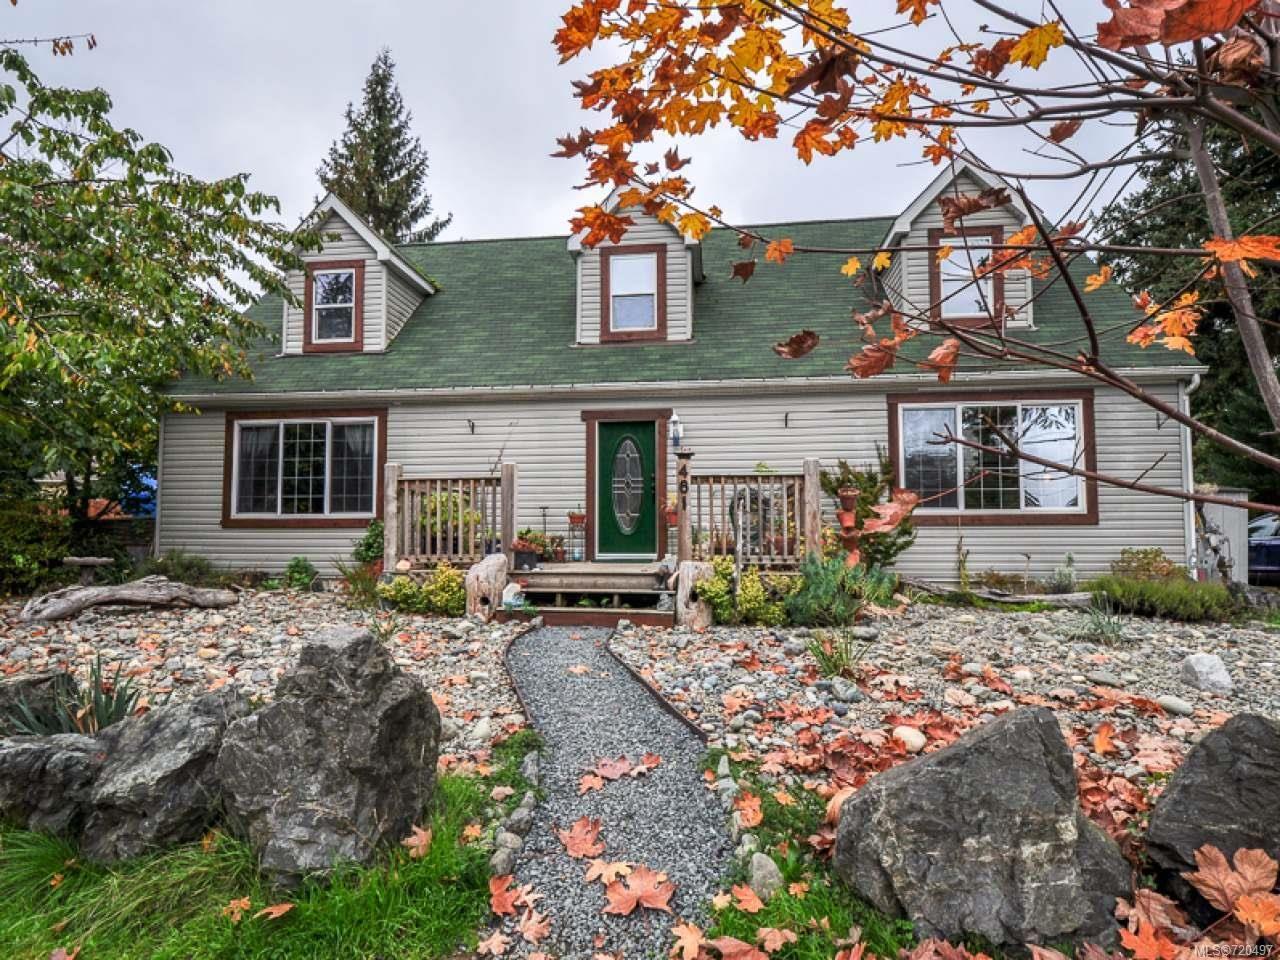 Main Photo: 461 Aurora St in PARKSVILLE: PQ Parksville House for sale (Parksville/Qualicum)  : MLS®# 720497